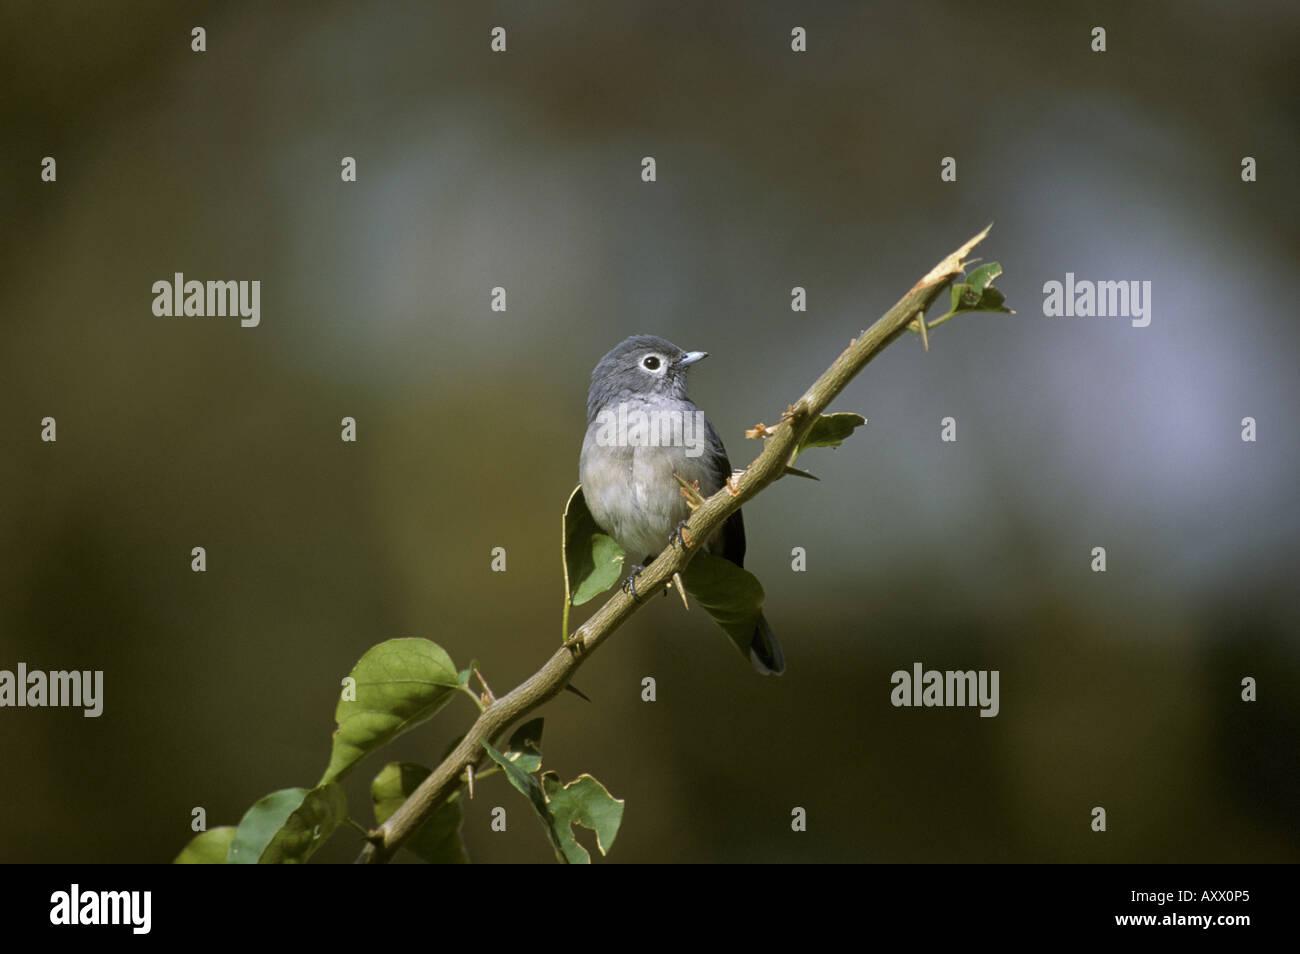 White eyed Slaty Flycatcher Melaenornis fischeri Perched - Stock Image